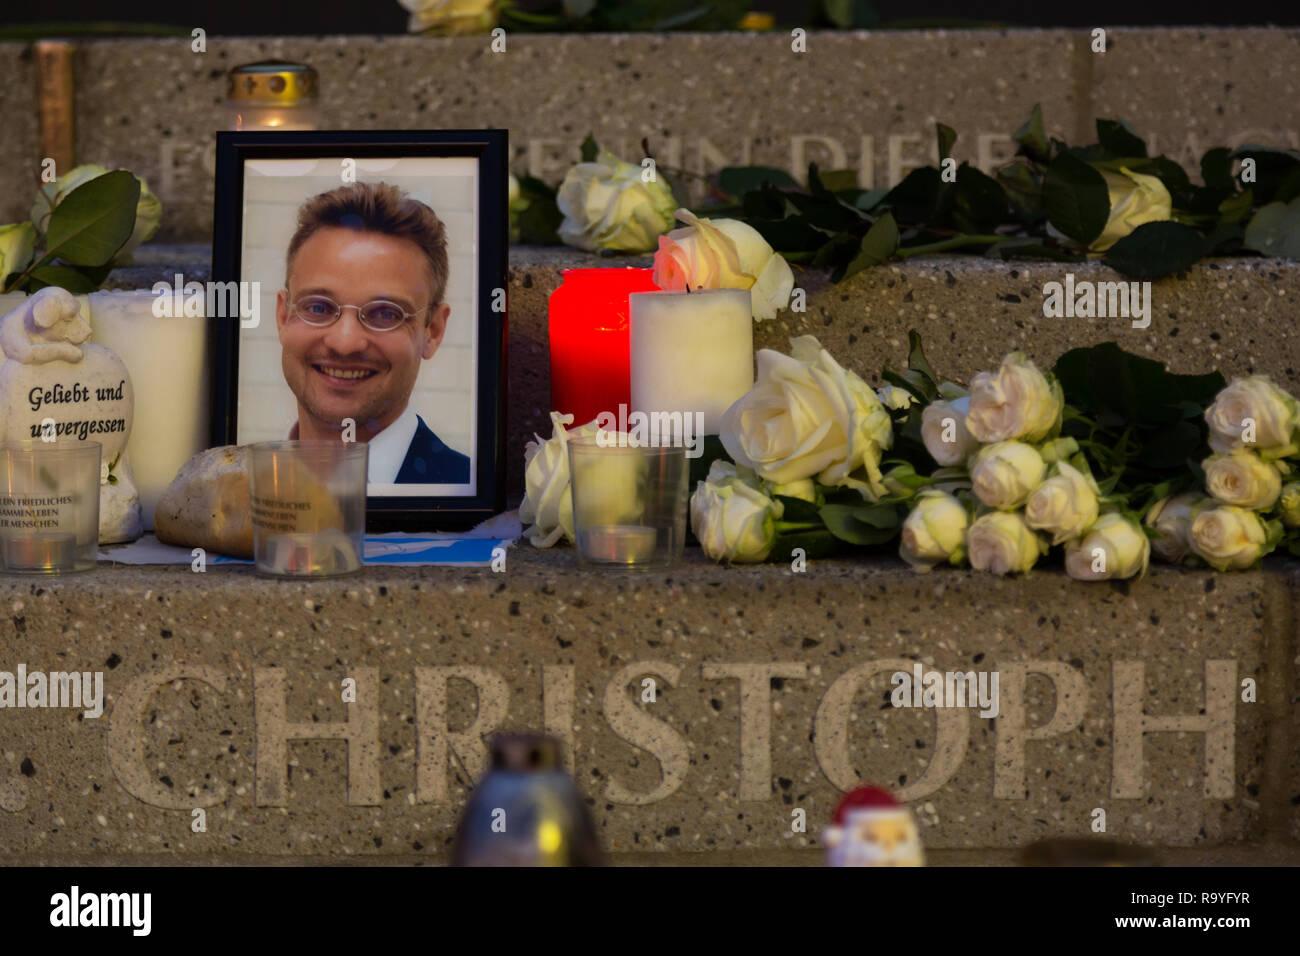 20.12.2017, Berlin, Berlin, Deutschland - Gedenken an die Opfer des Terroranschlags am Weihnachtsmarkt am Breitscheidplatz am 19.12.2016. Kerzen am An - Stock Image